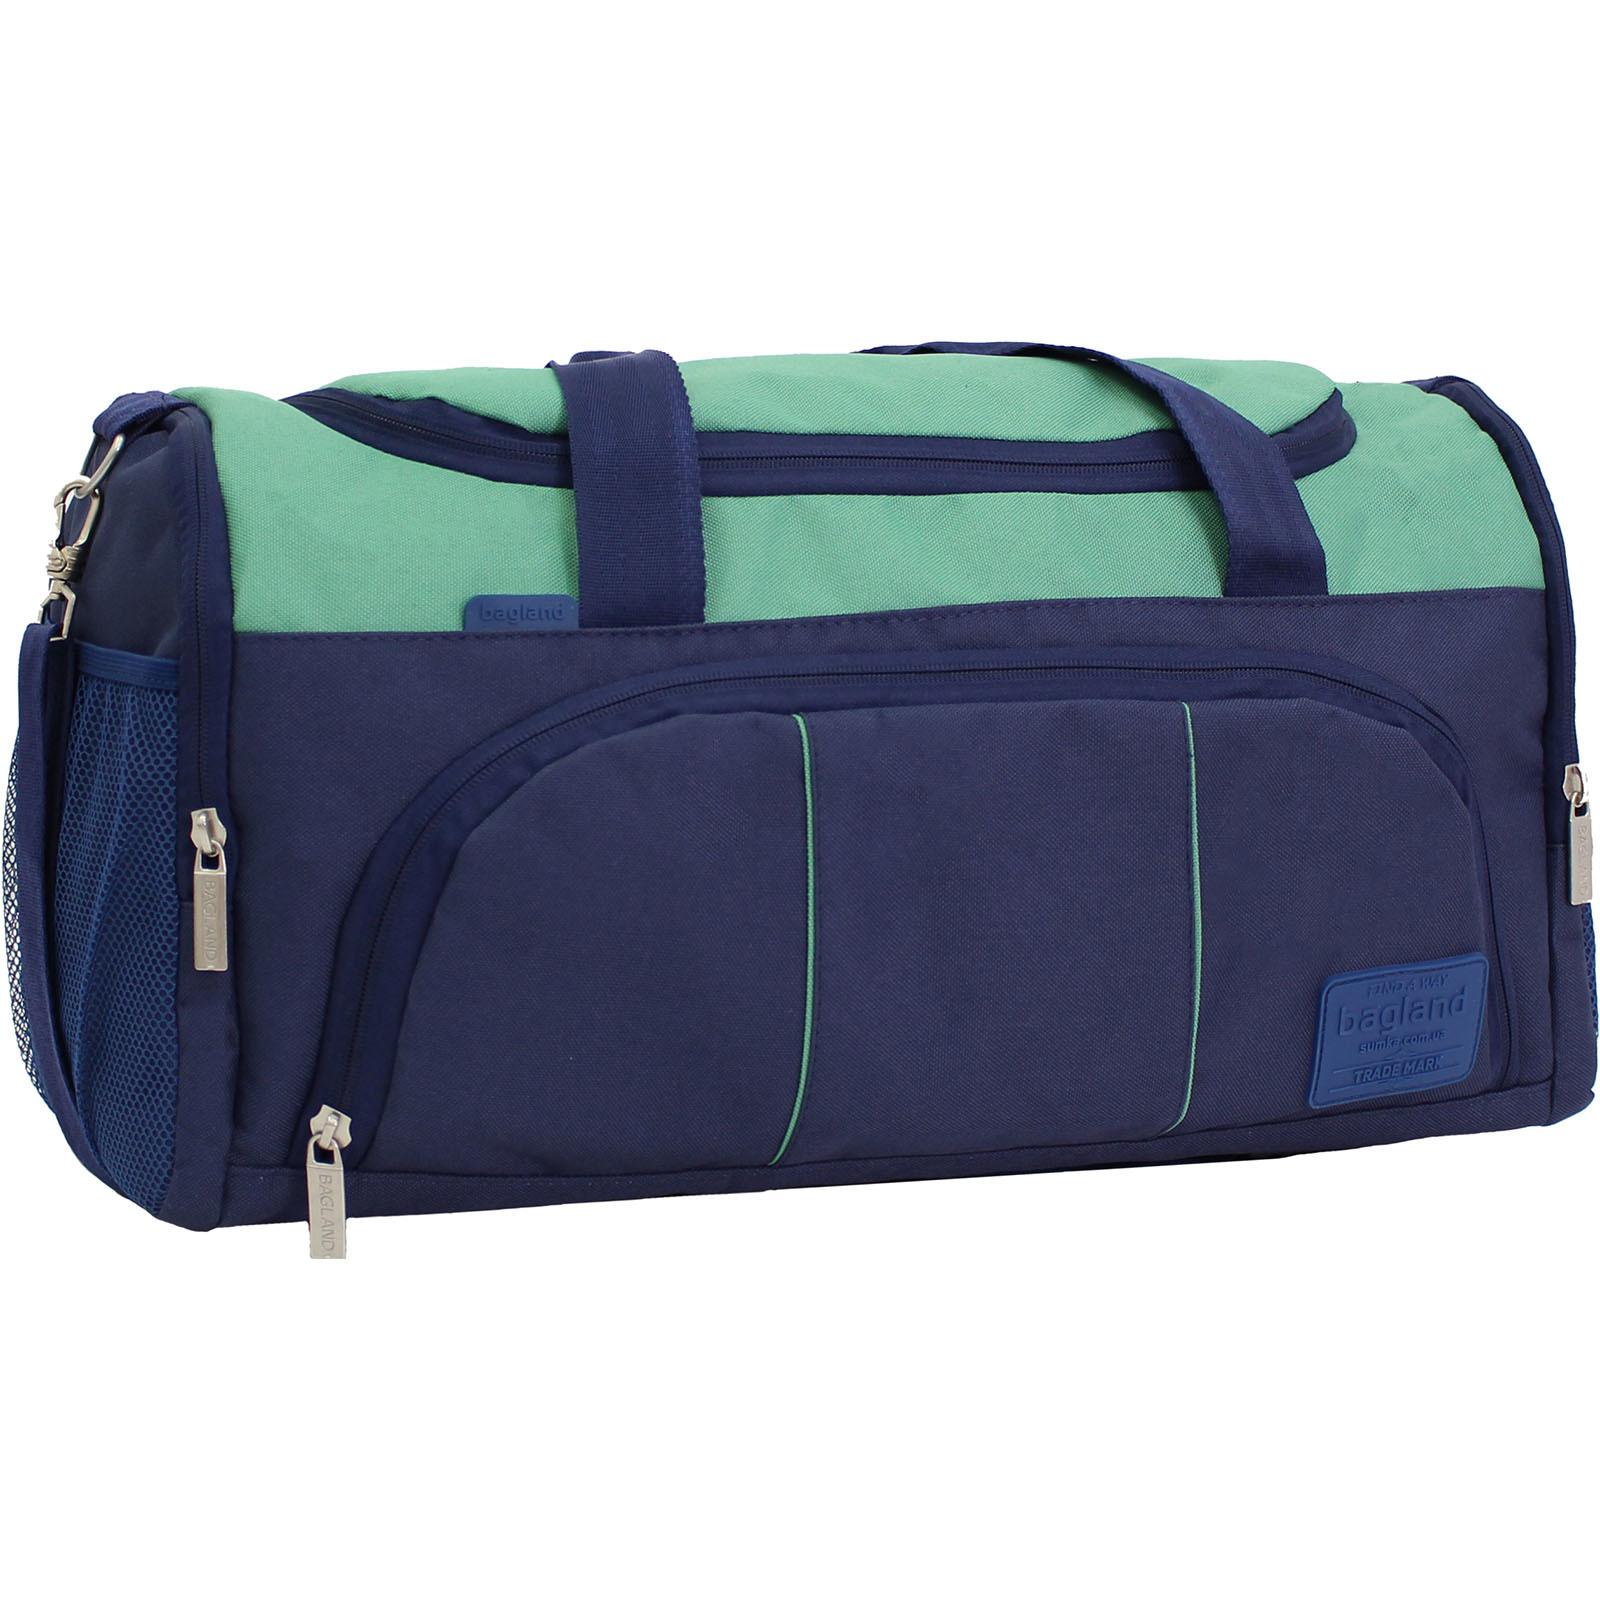 Спортивные сумки Сумка Bagland Bloom 30 л. чернильный/зеленый (0030866) IMG_9530.JPG